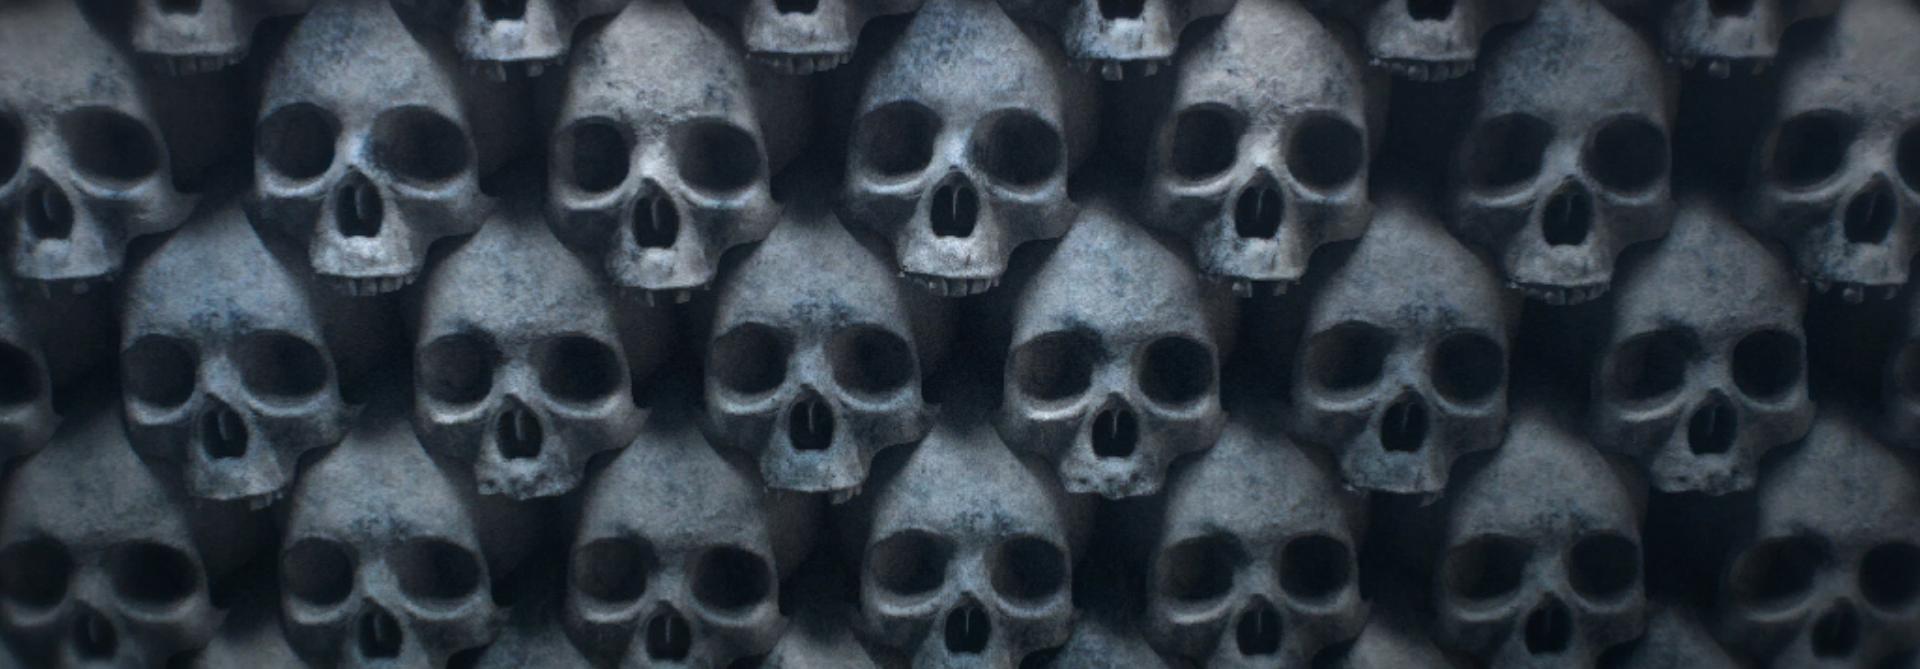 Skulls.png